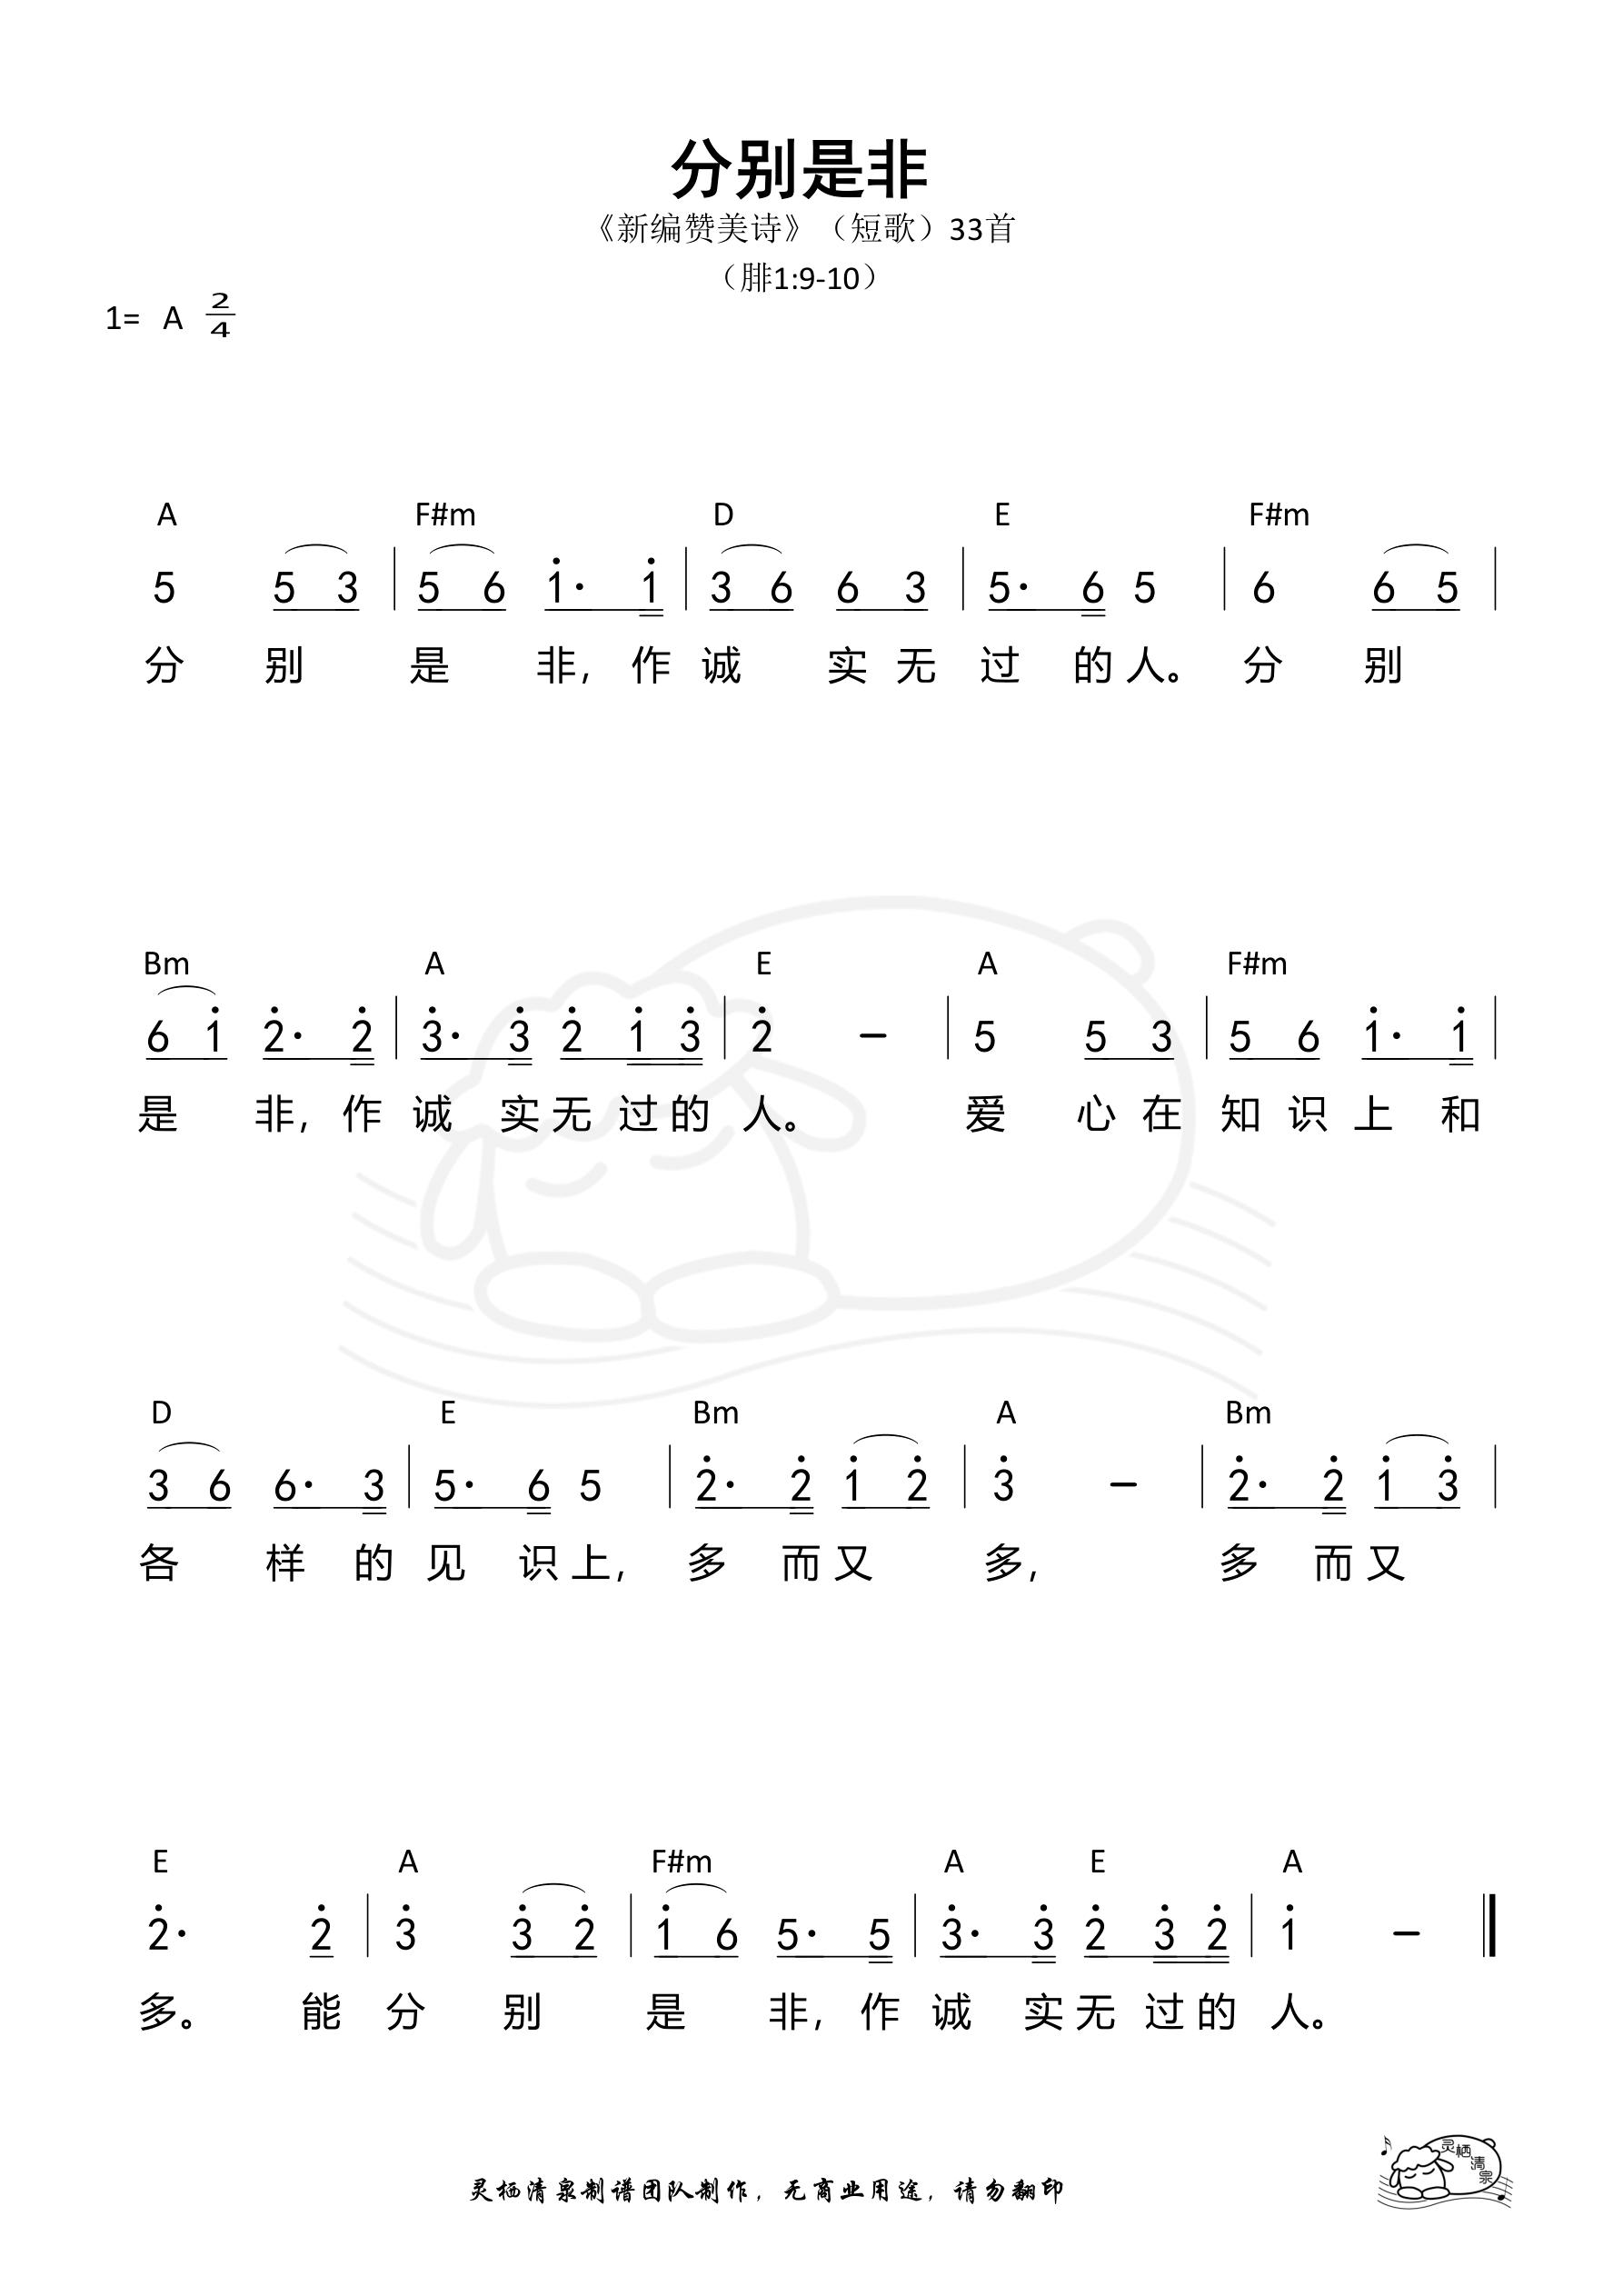 《第245首 - 分别是非(短歌33)和弦简谱》